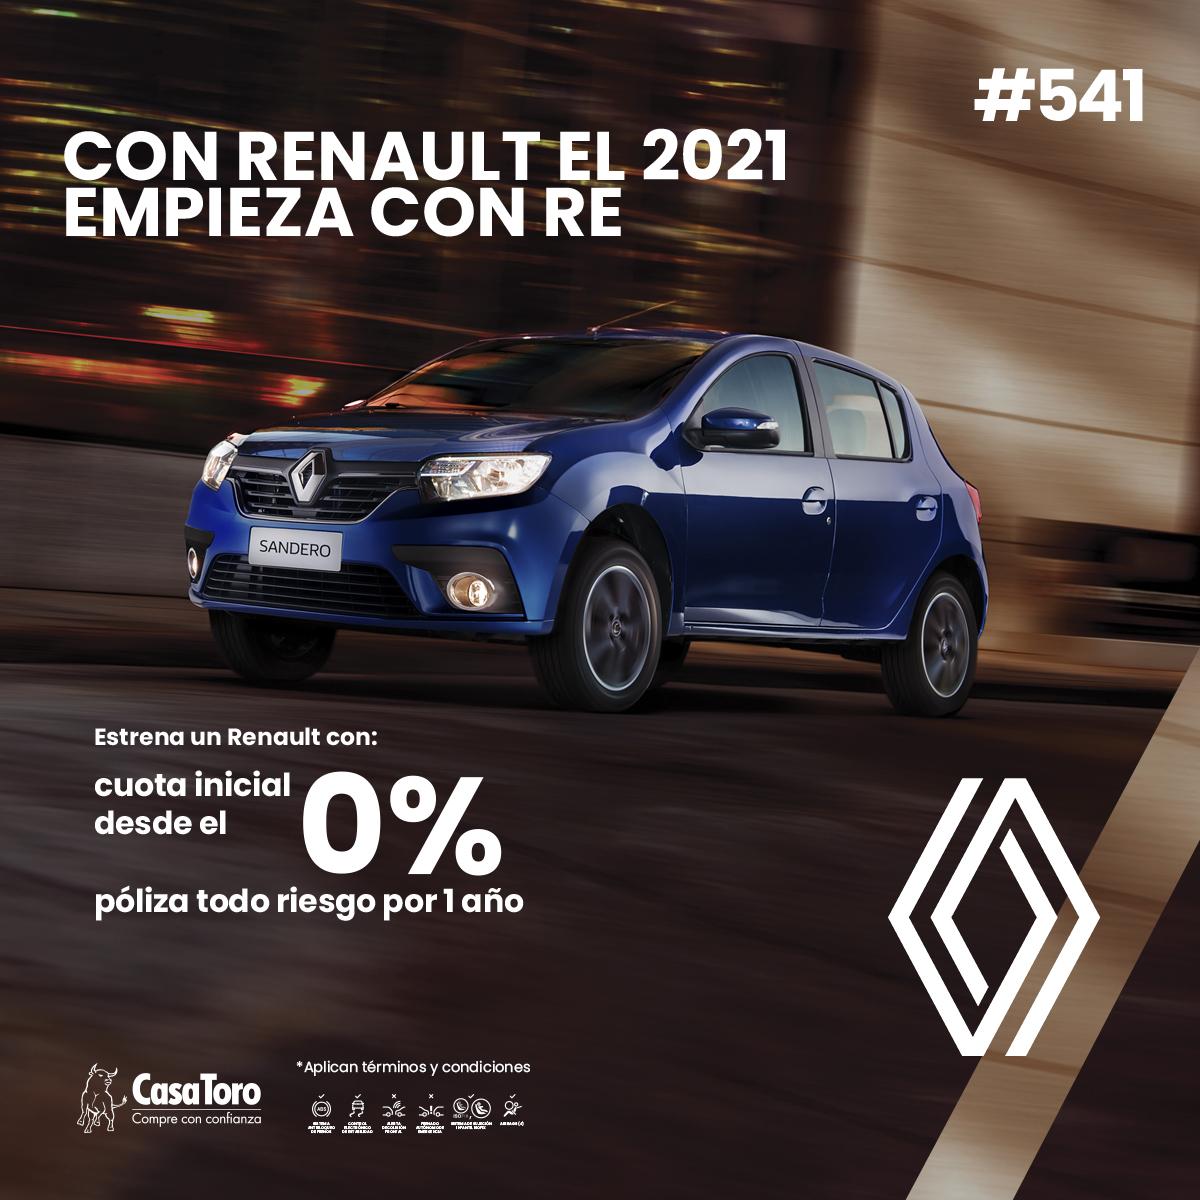 Estrena tu nuevo Renault